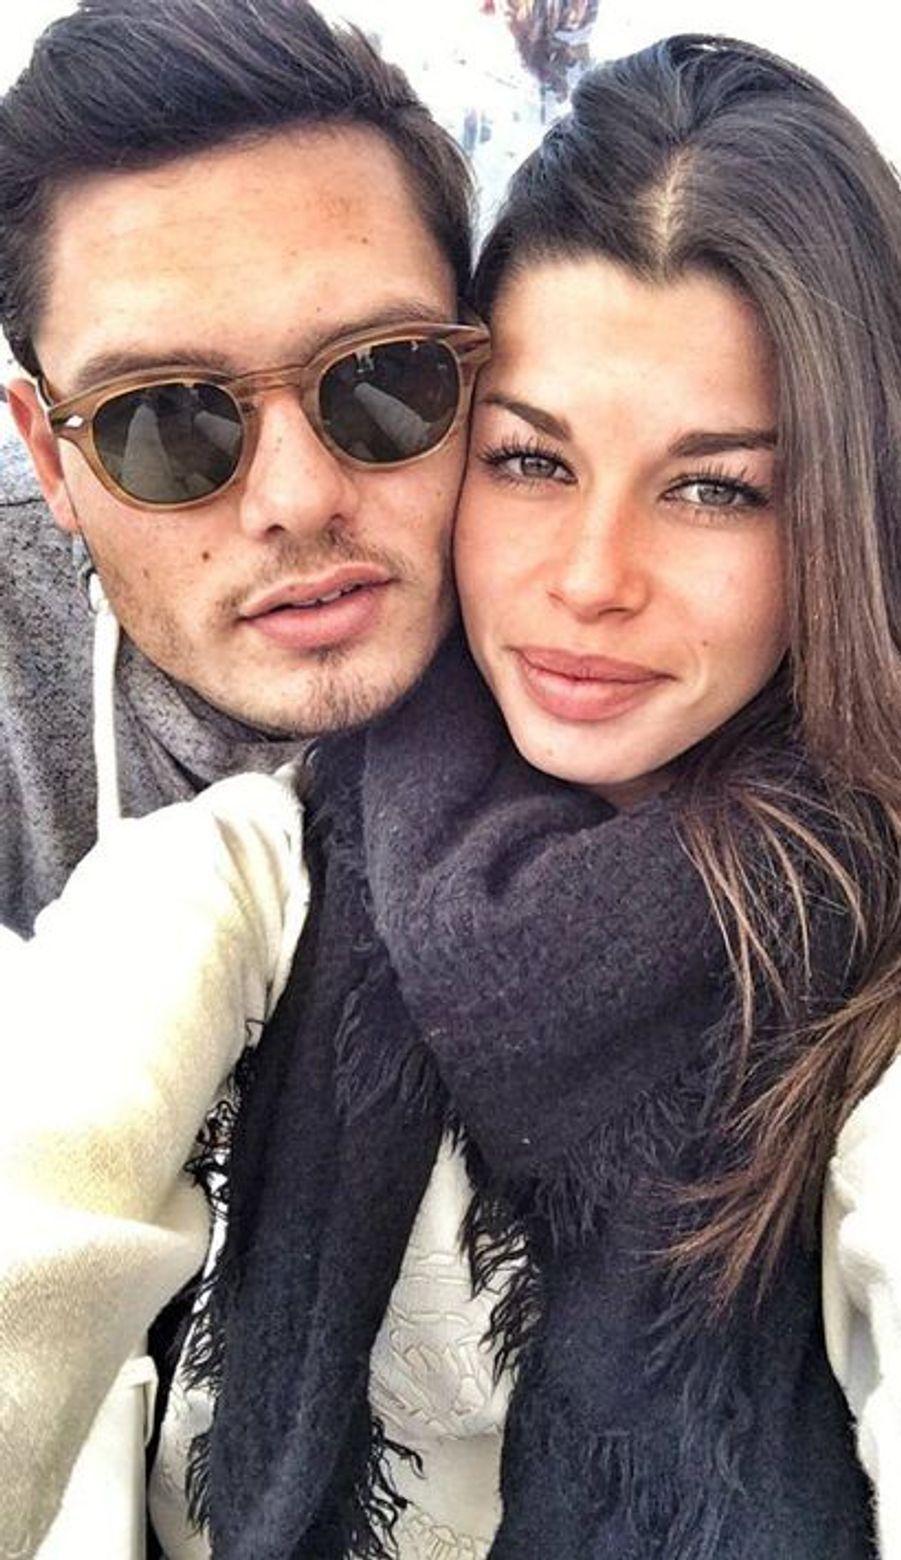 Florent Manaudou et Fanny Scalli, image issue de la page Facebook officielle de Florent Manaudou